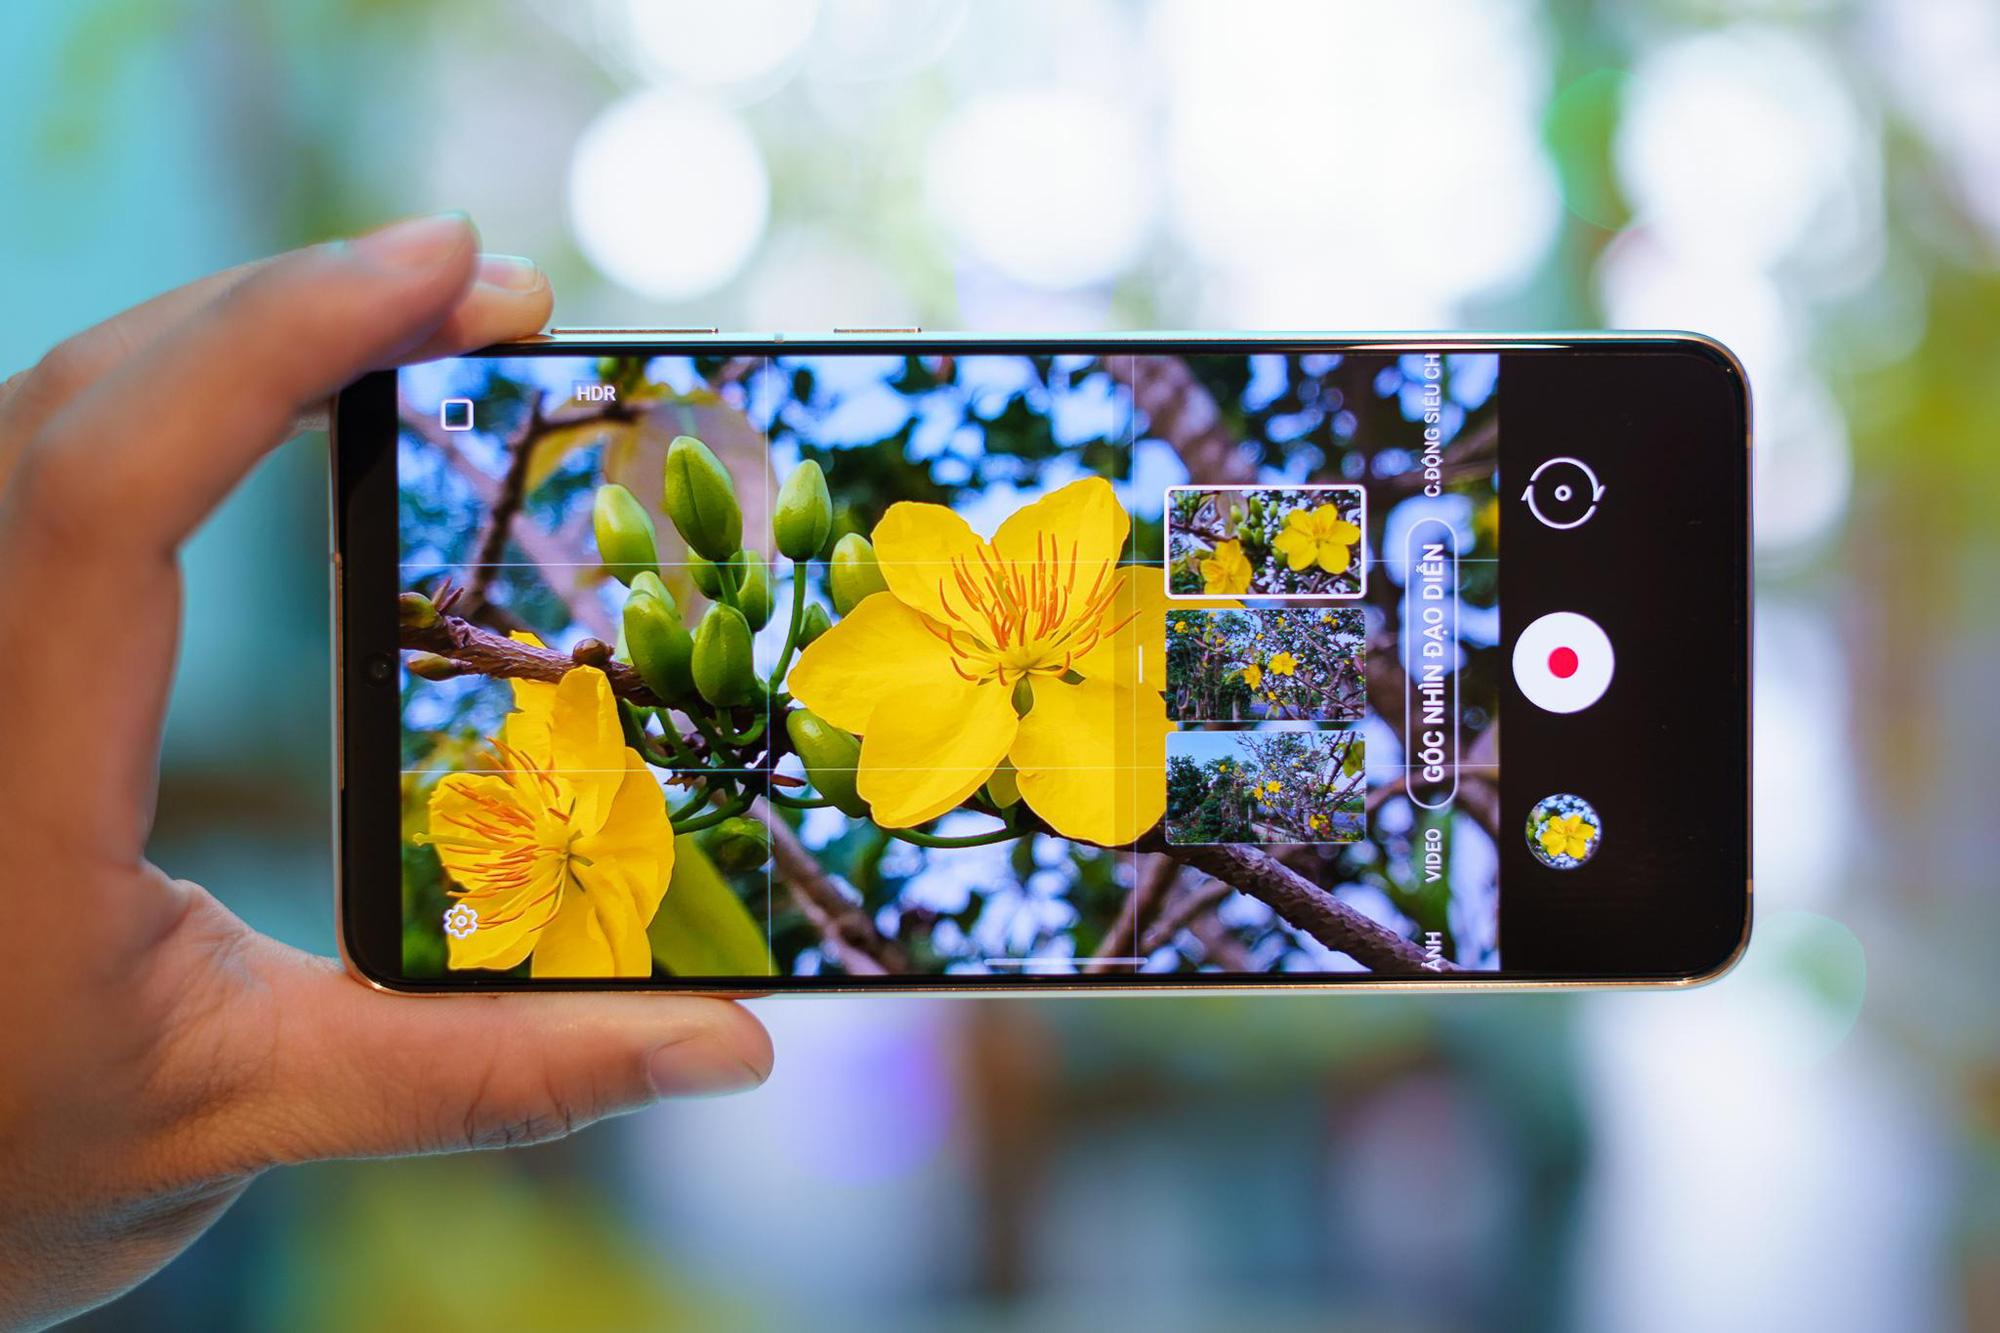 Hiếm có smartphone nào cho người dùng nhiều quyền lựa chọn như Galaxy S21 series - Ảnh 2.